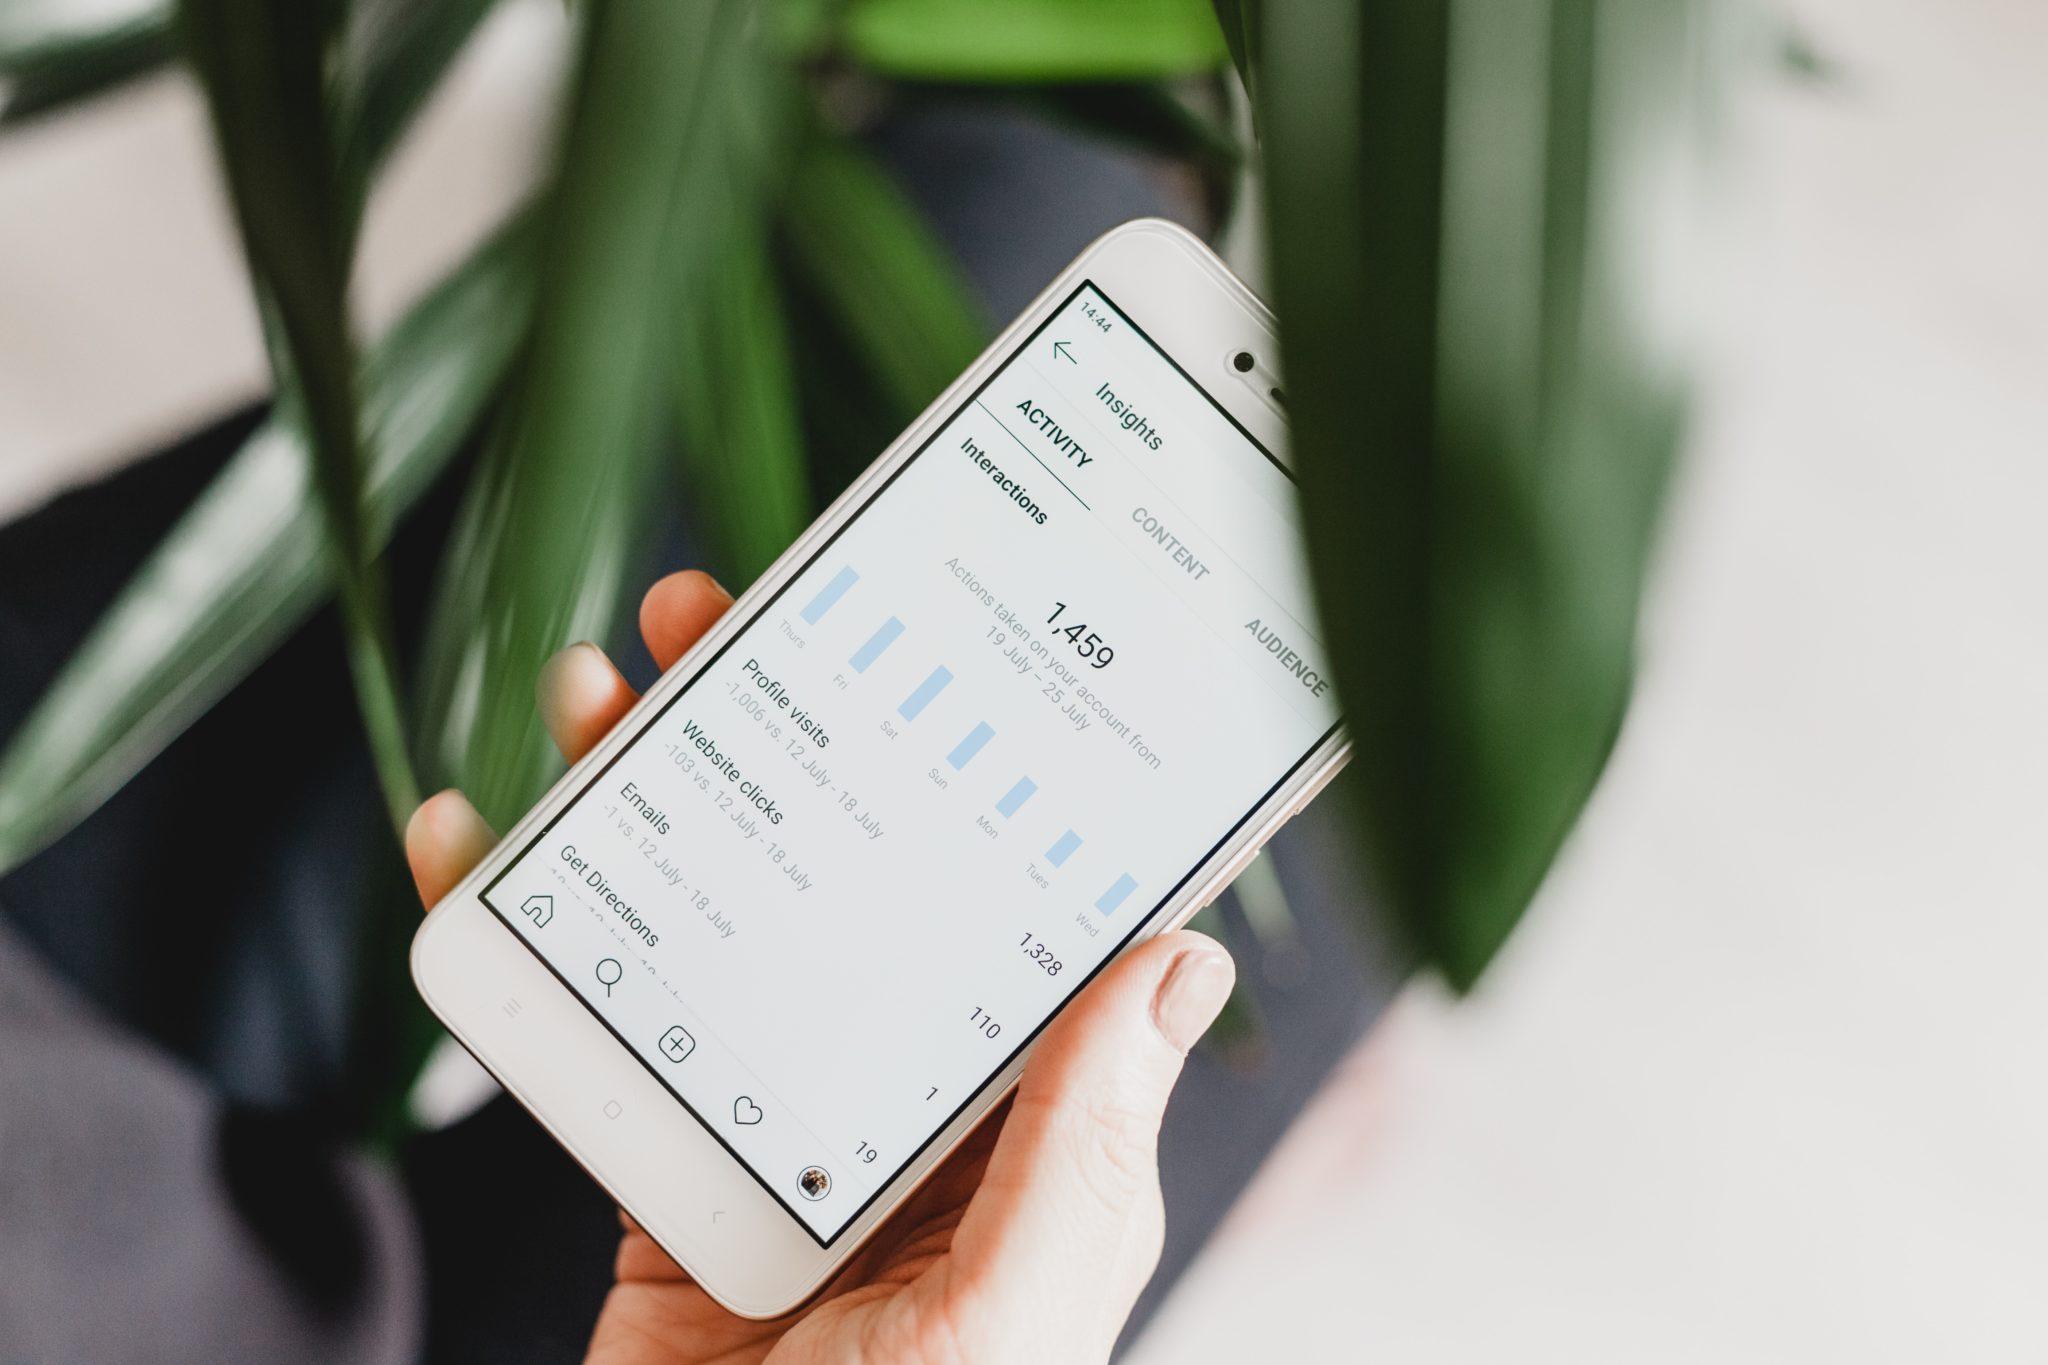 markkinoinnin tulosten seuranta mobiilissa